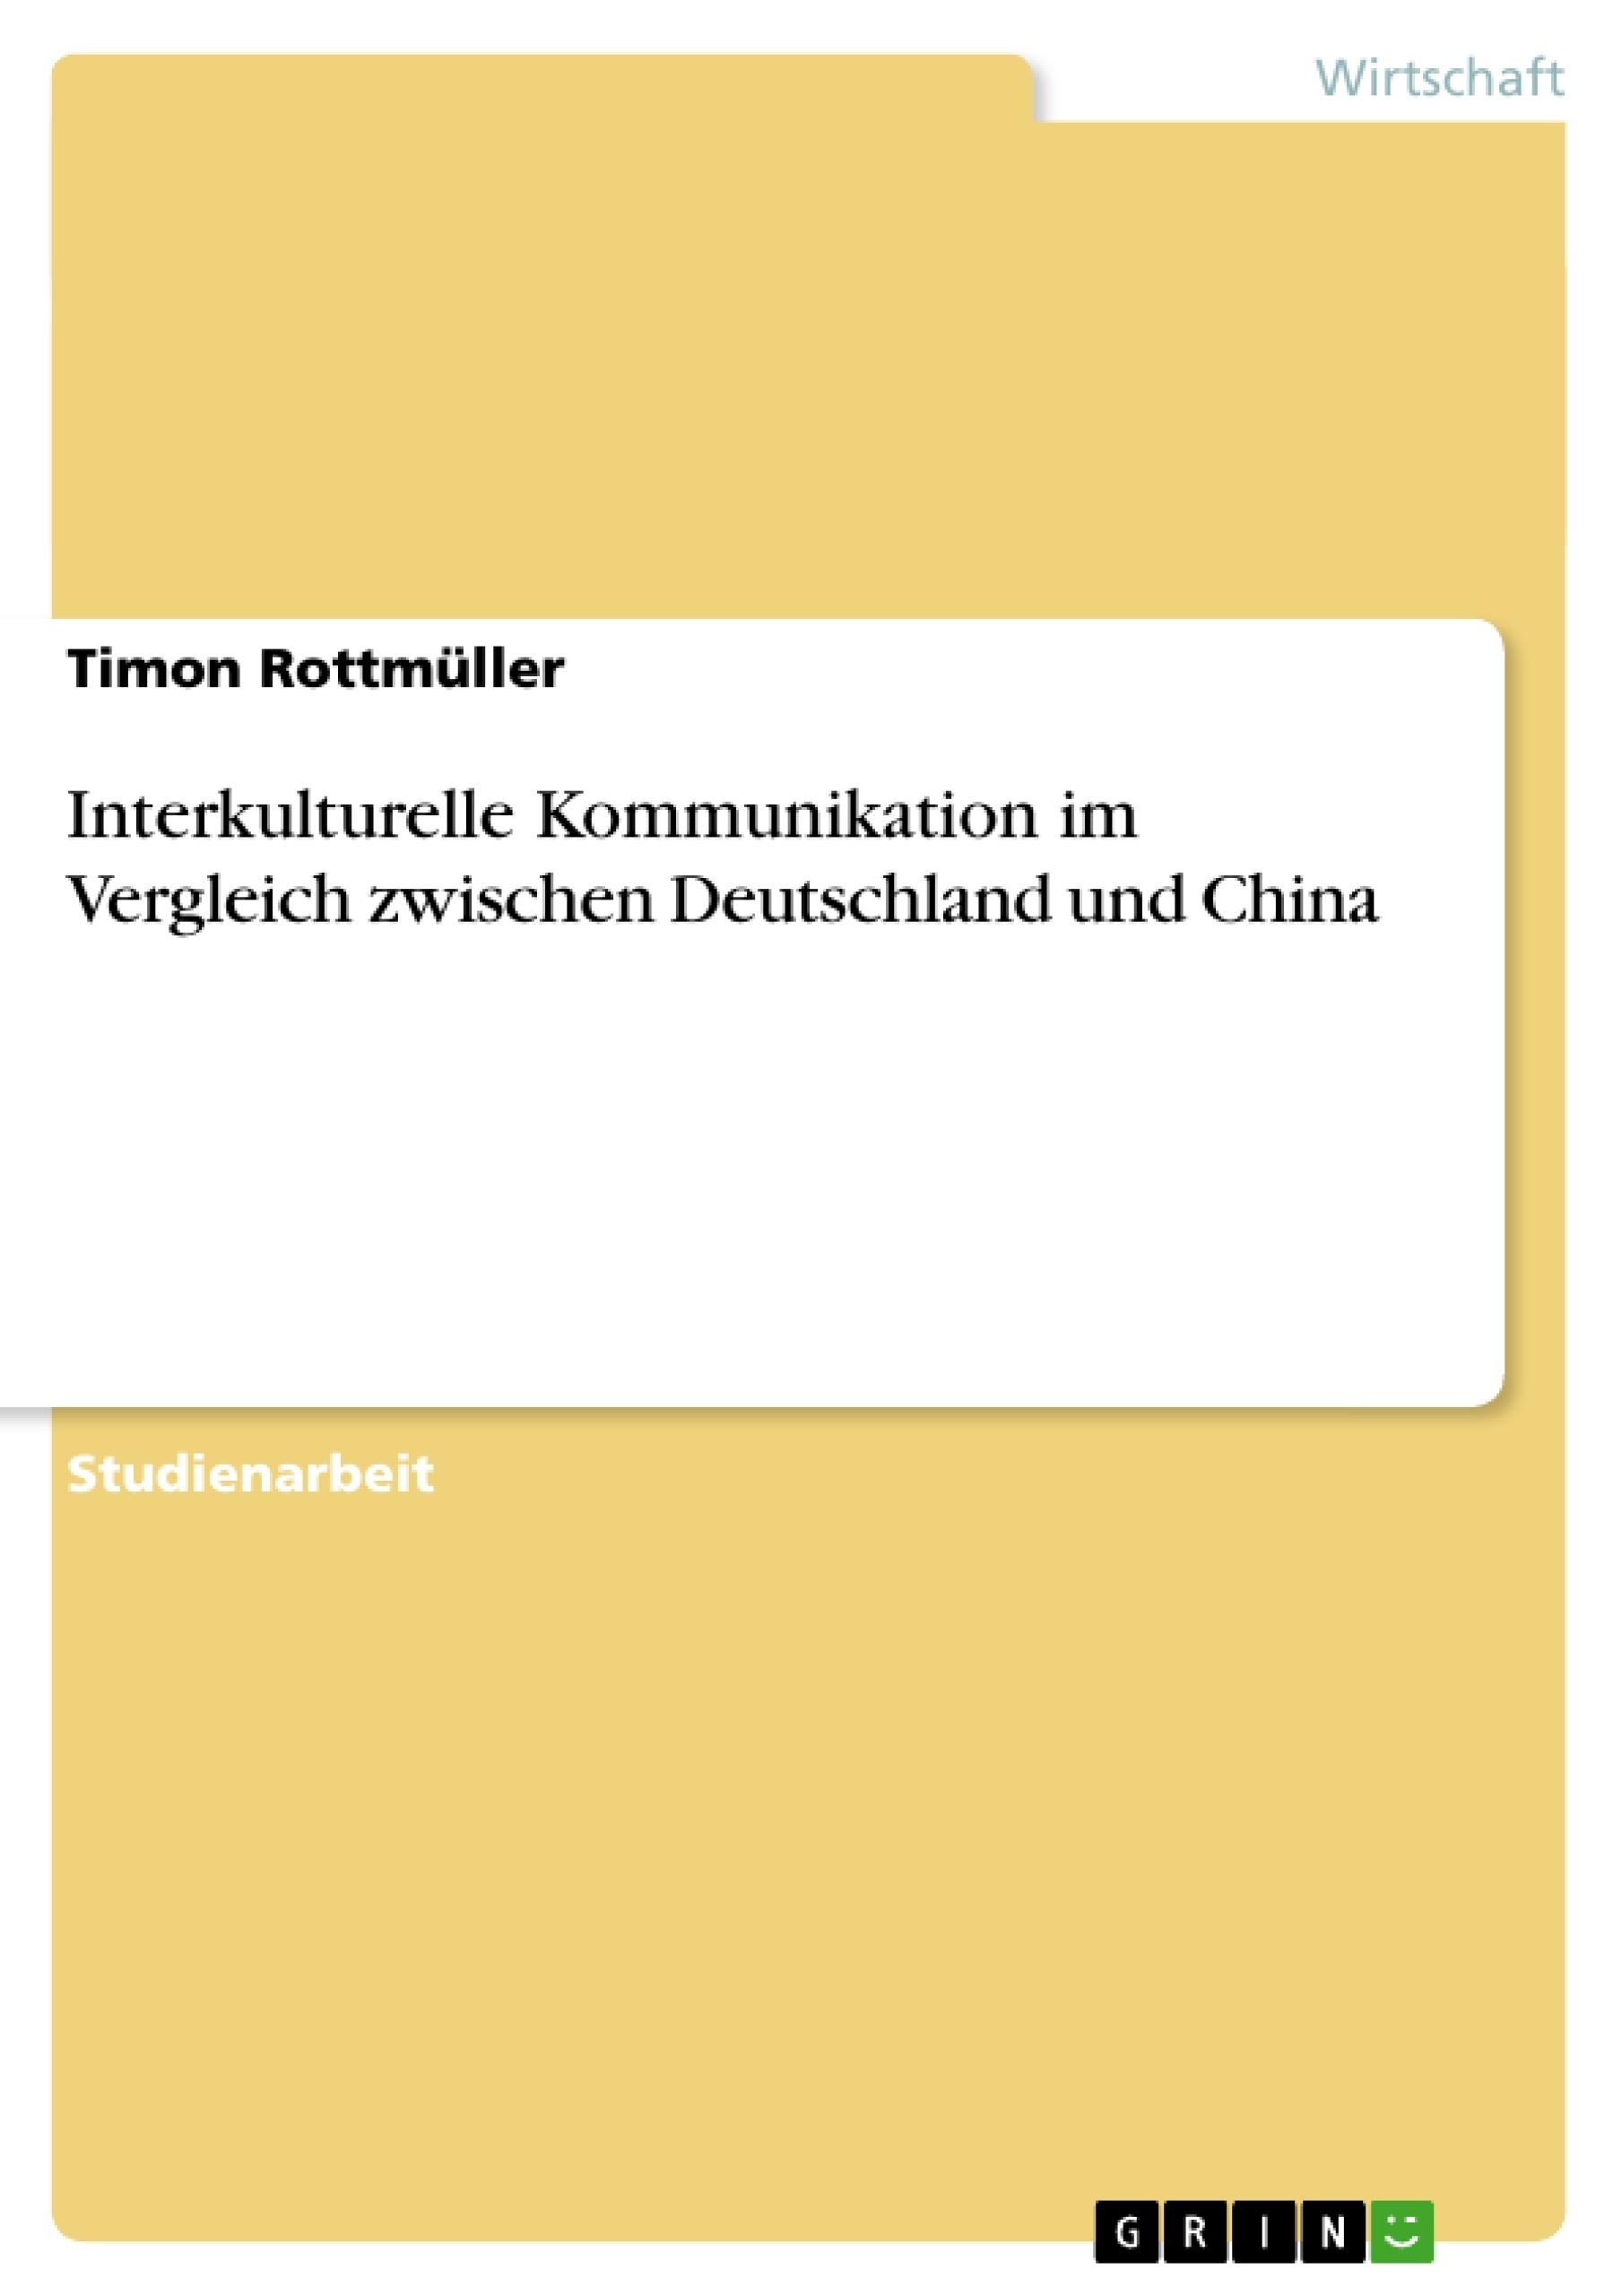 Titel: Interkulturelle Kommunikation im Vergleich zwischen Deutschland und China